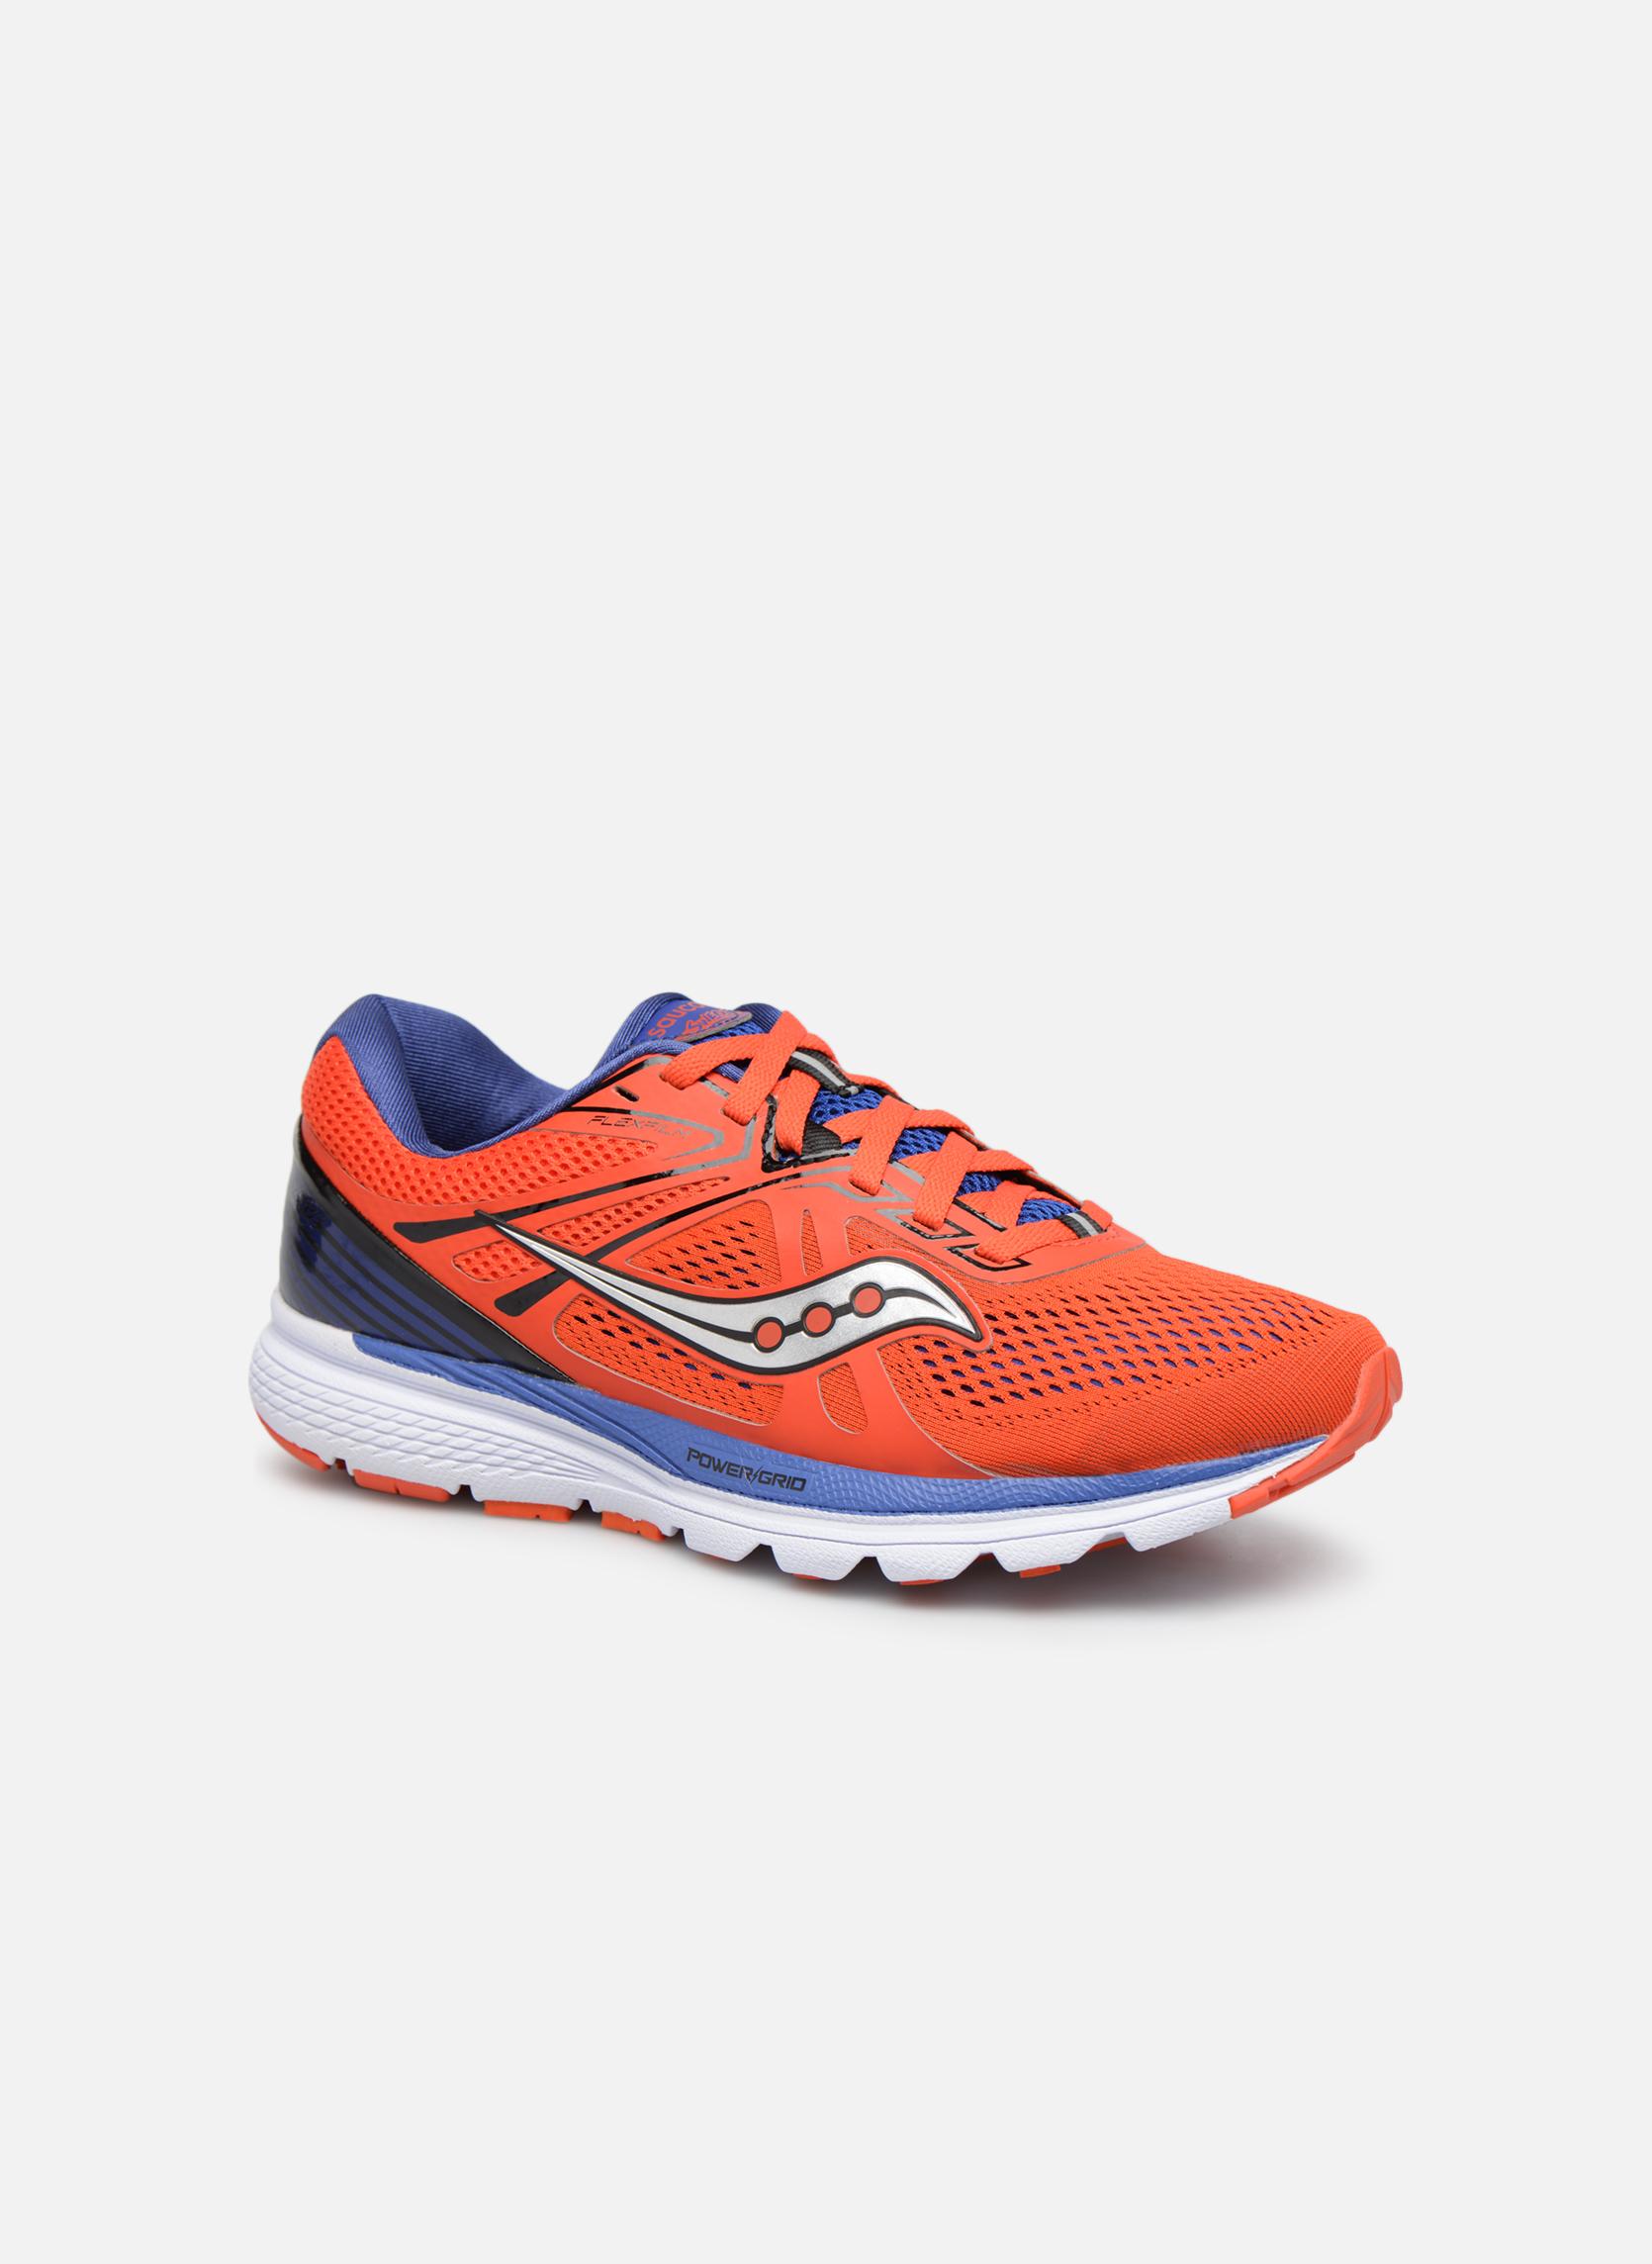 Chaussures de sport Homme Swerve